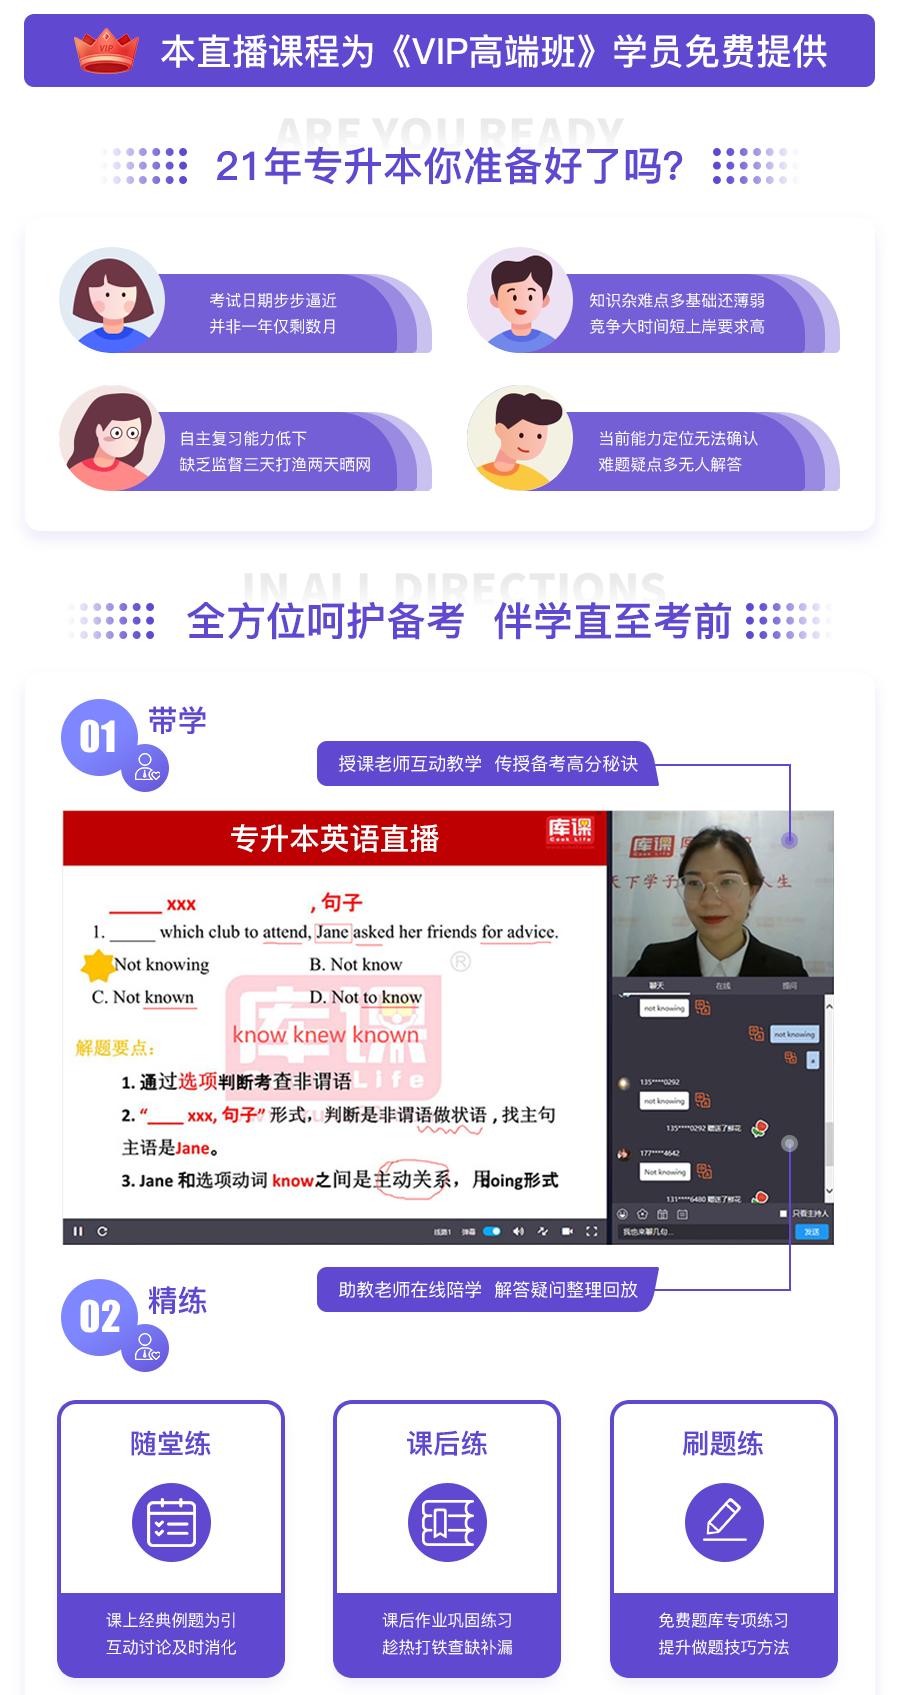 河南英语+语文上岸计划_02.png